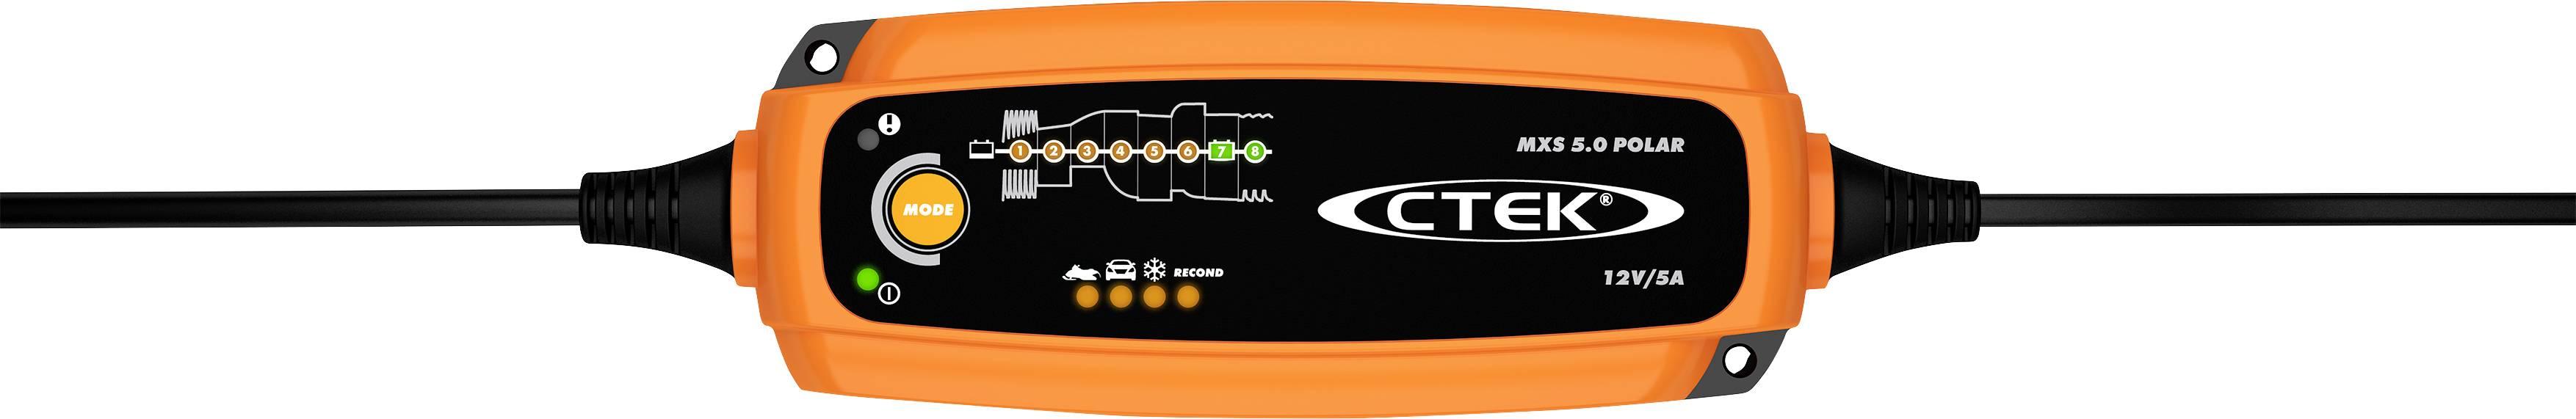 Nabíjačka autobatérie CTEK MXS 5.0 Polar 56-855, 12 V, 0.8 A, 5 A